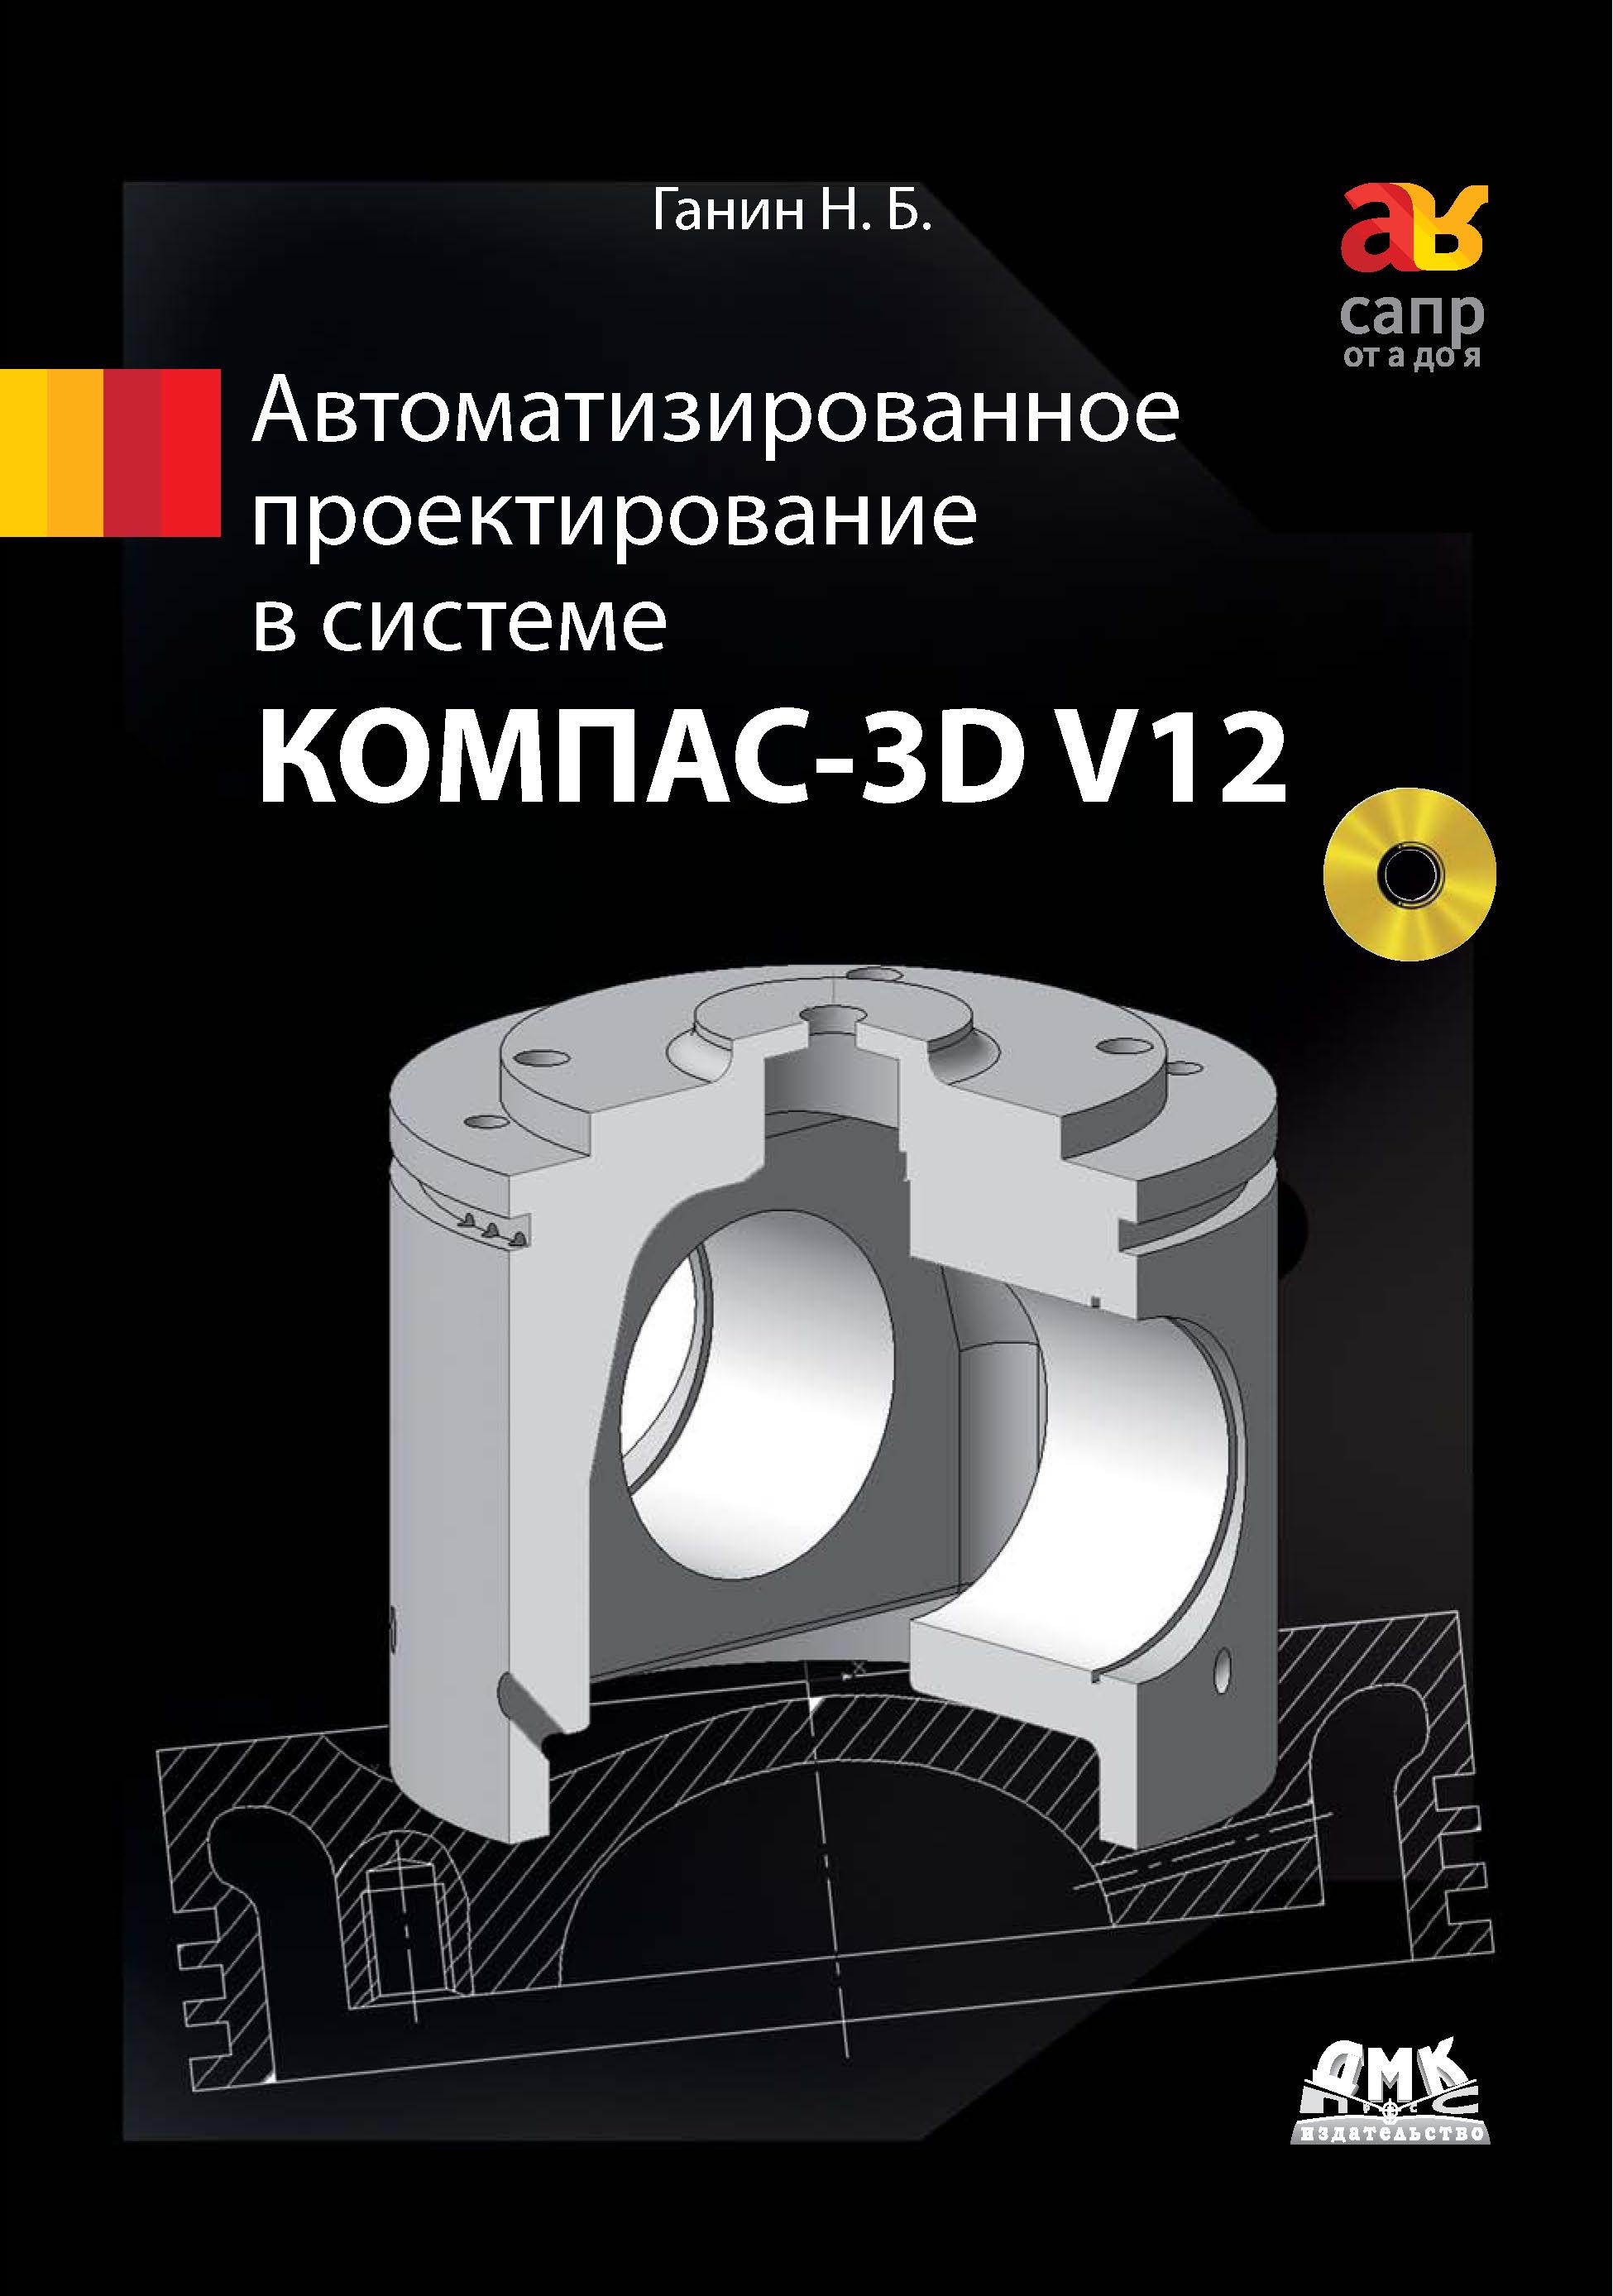 Н. Б. Ганин Автоматизированное проектирование в системе КОМПАС-3D V12 цена и фото